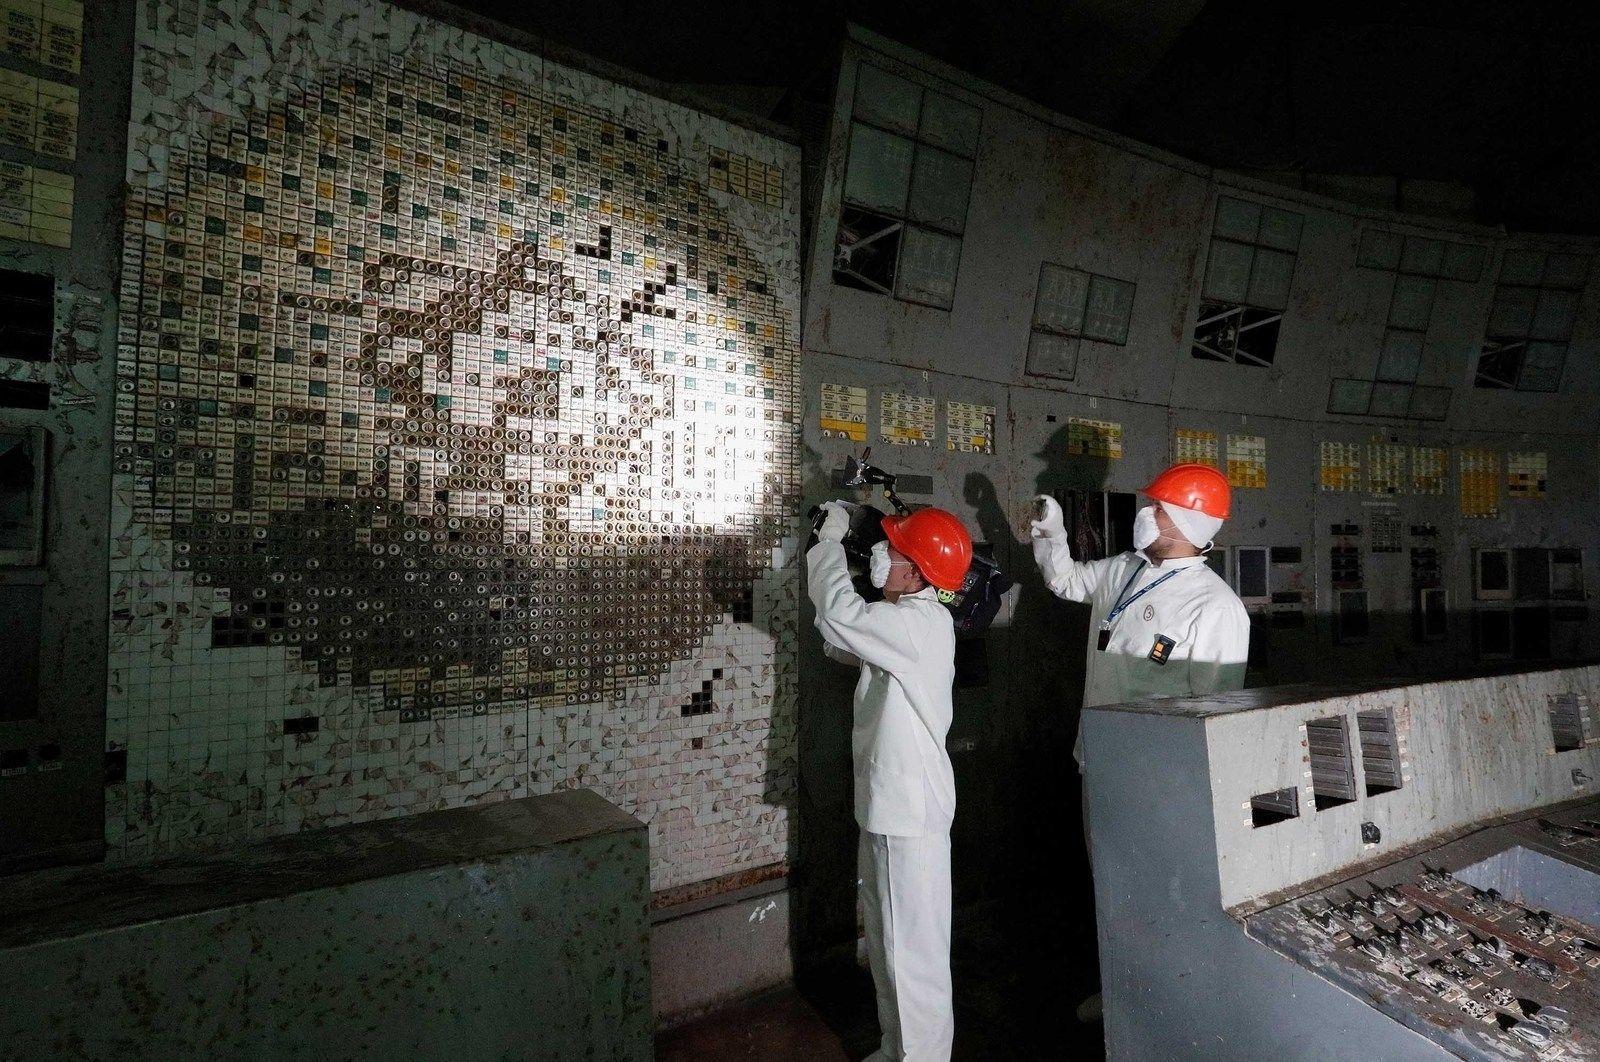 Чернобылийн цөмийн цахилгаан станцын хяналтын өрөө жуулчдад нээлттэй болжээ